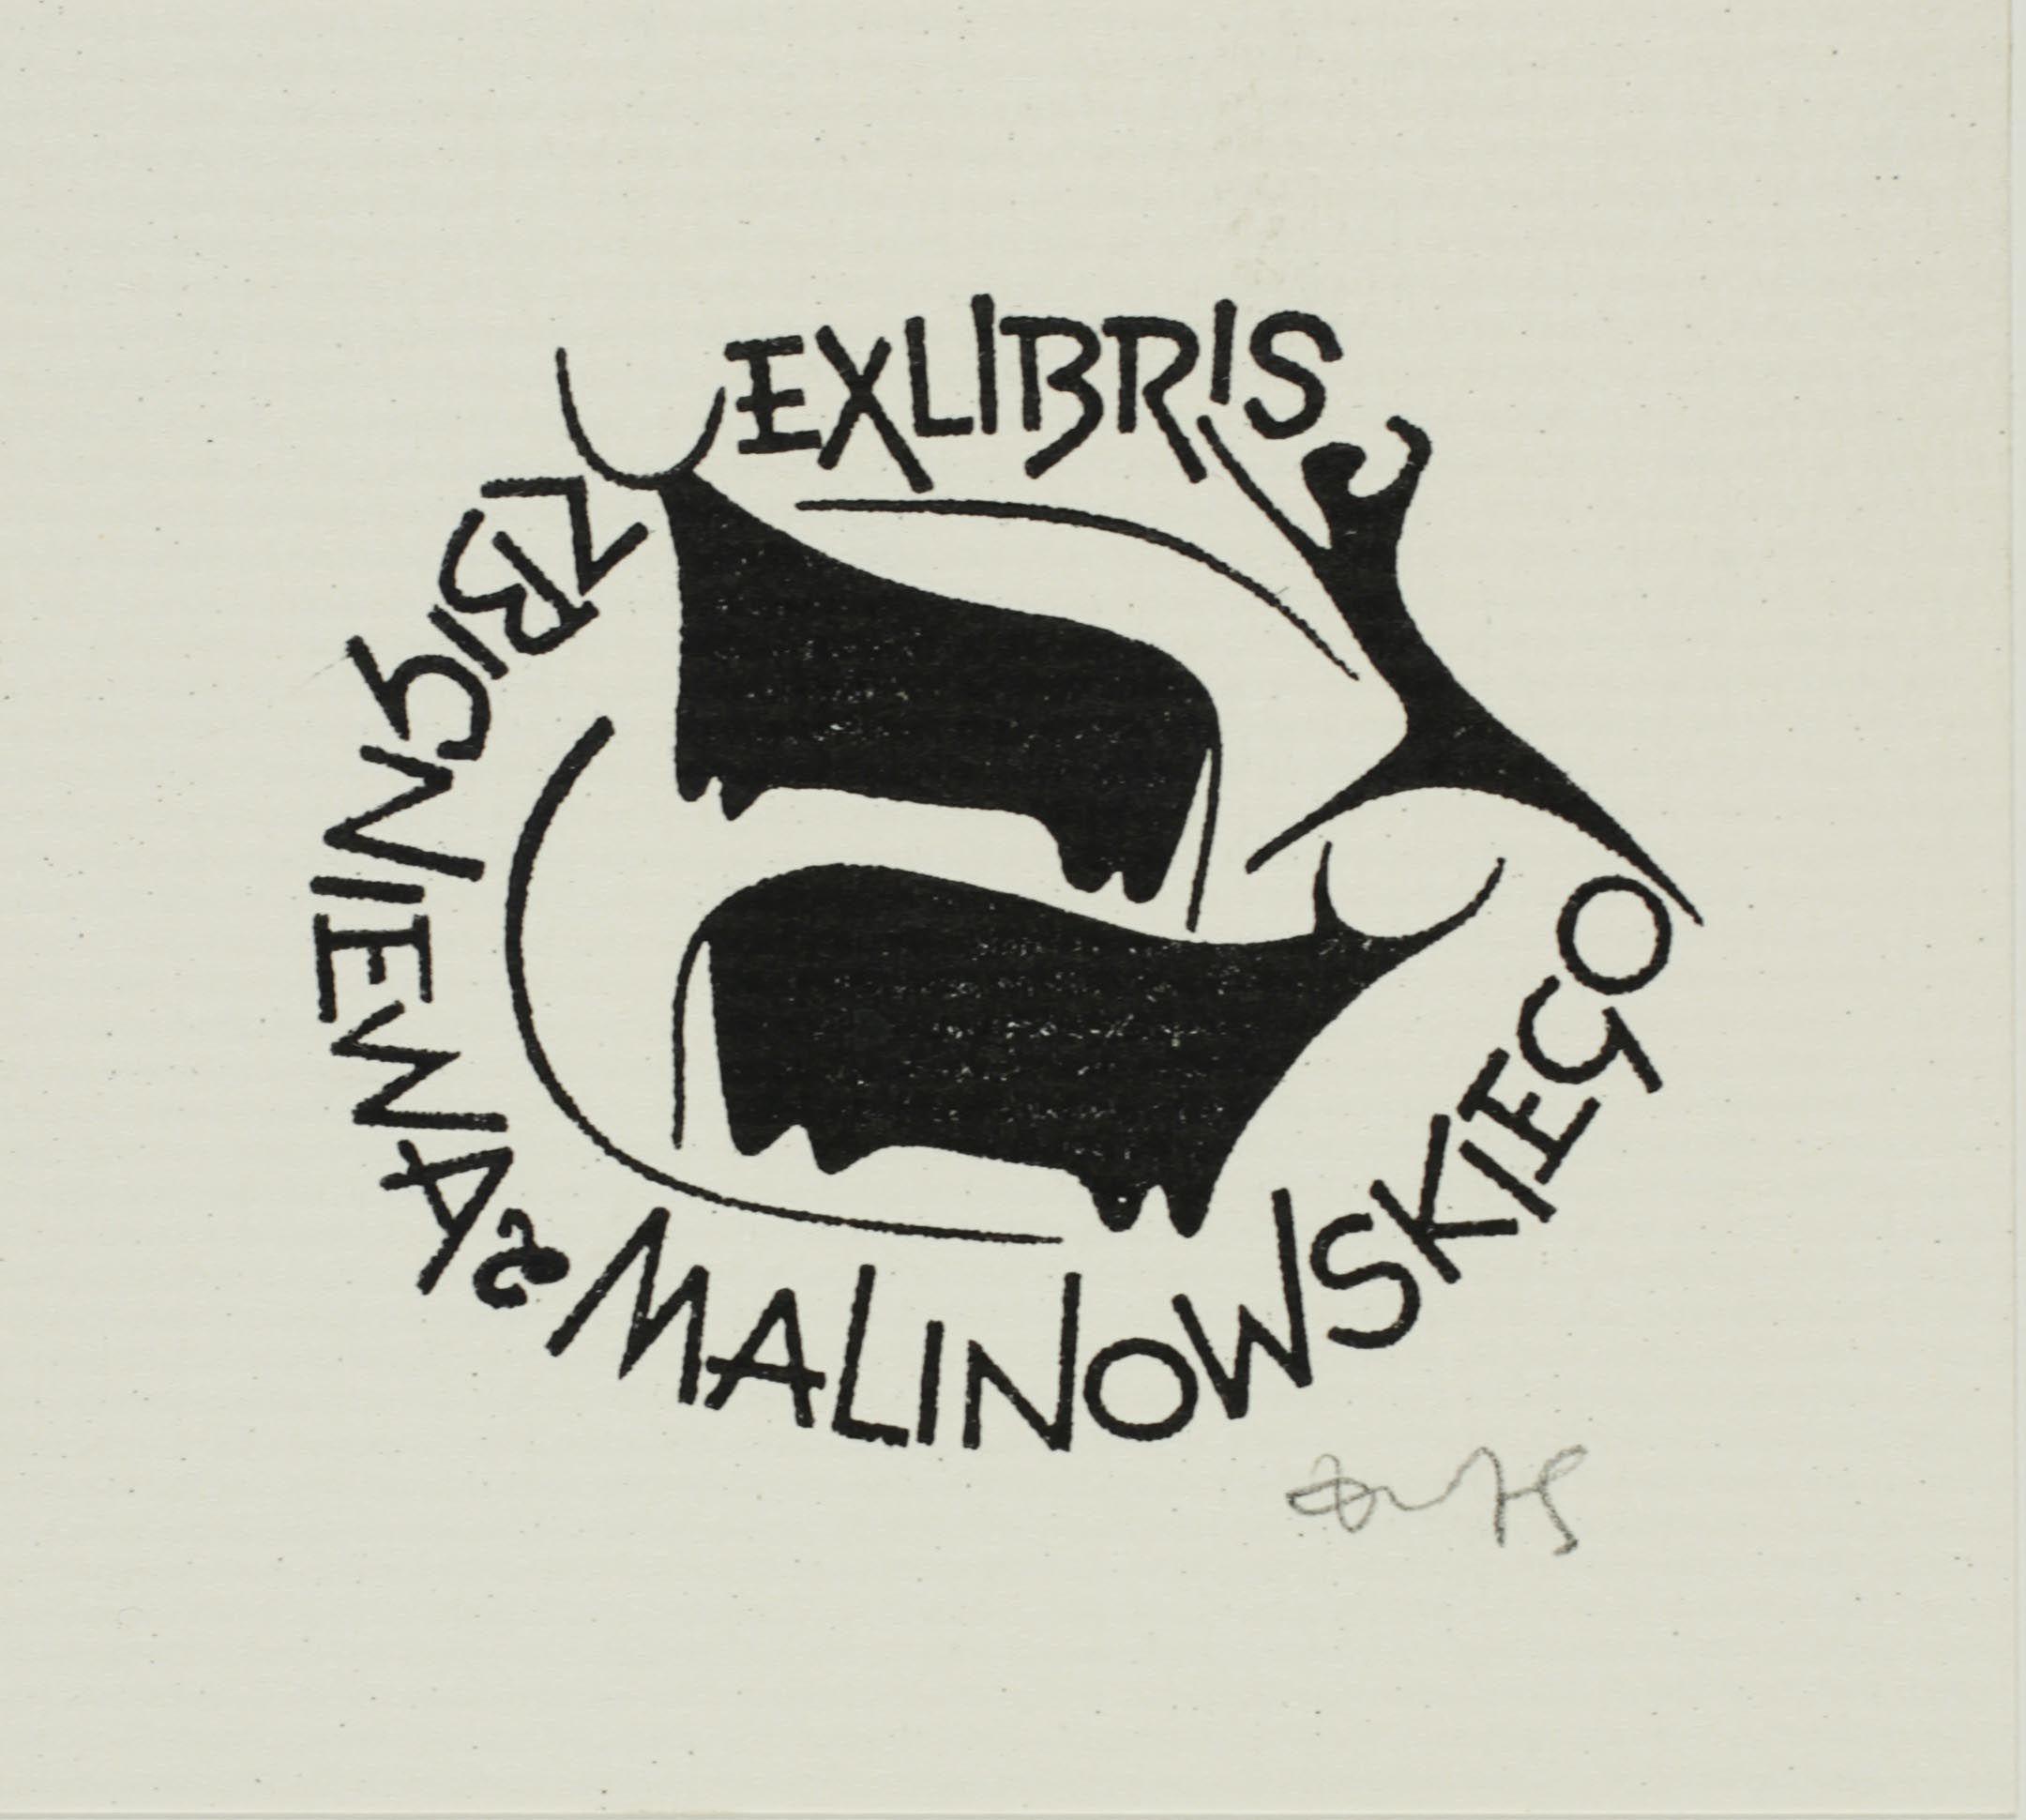 Zbigniewa Malinowskiego's bookplate (or ex libris), by Zbigniew Dolatowski.